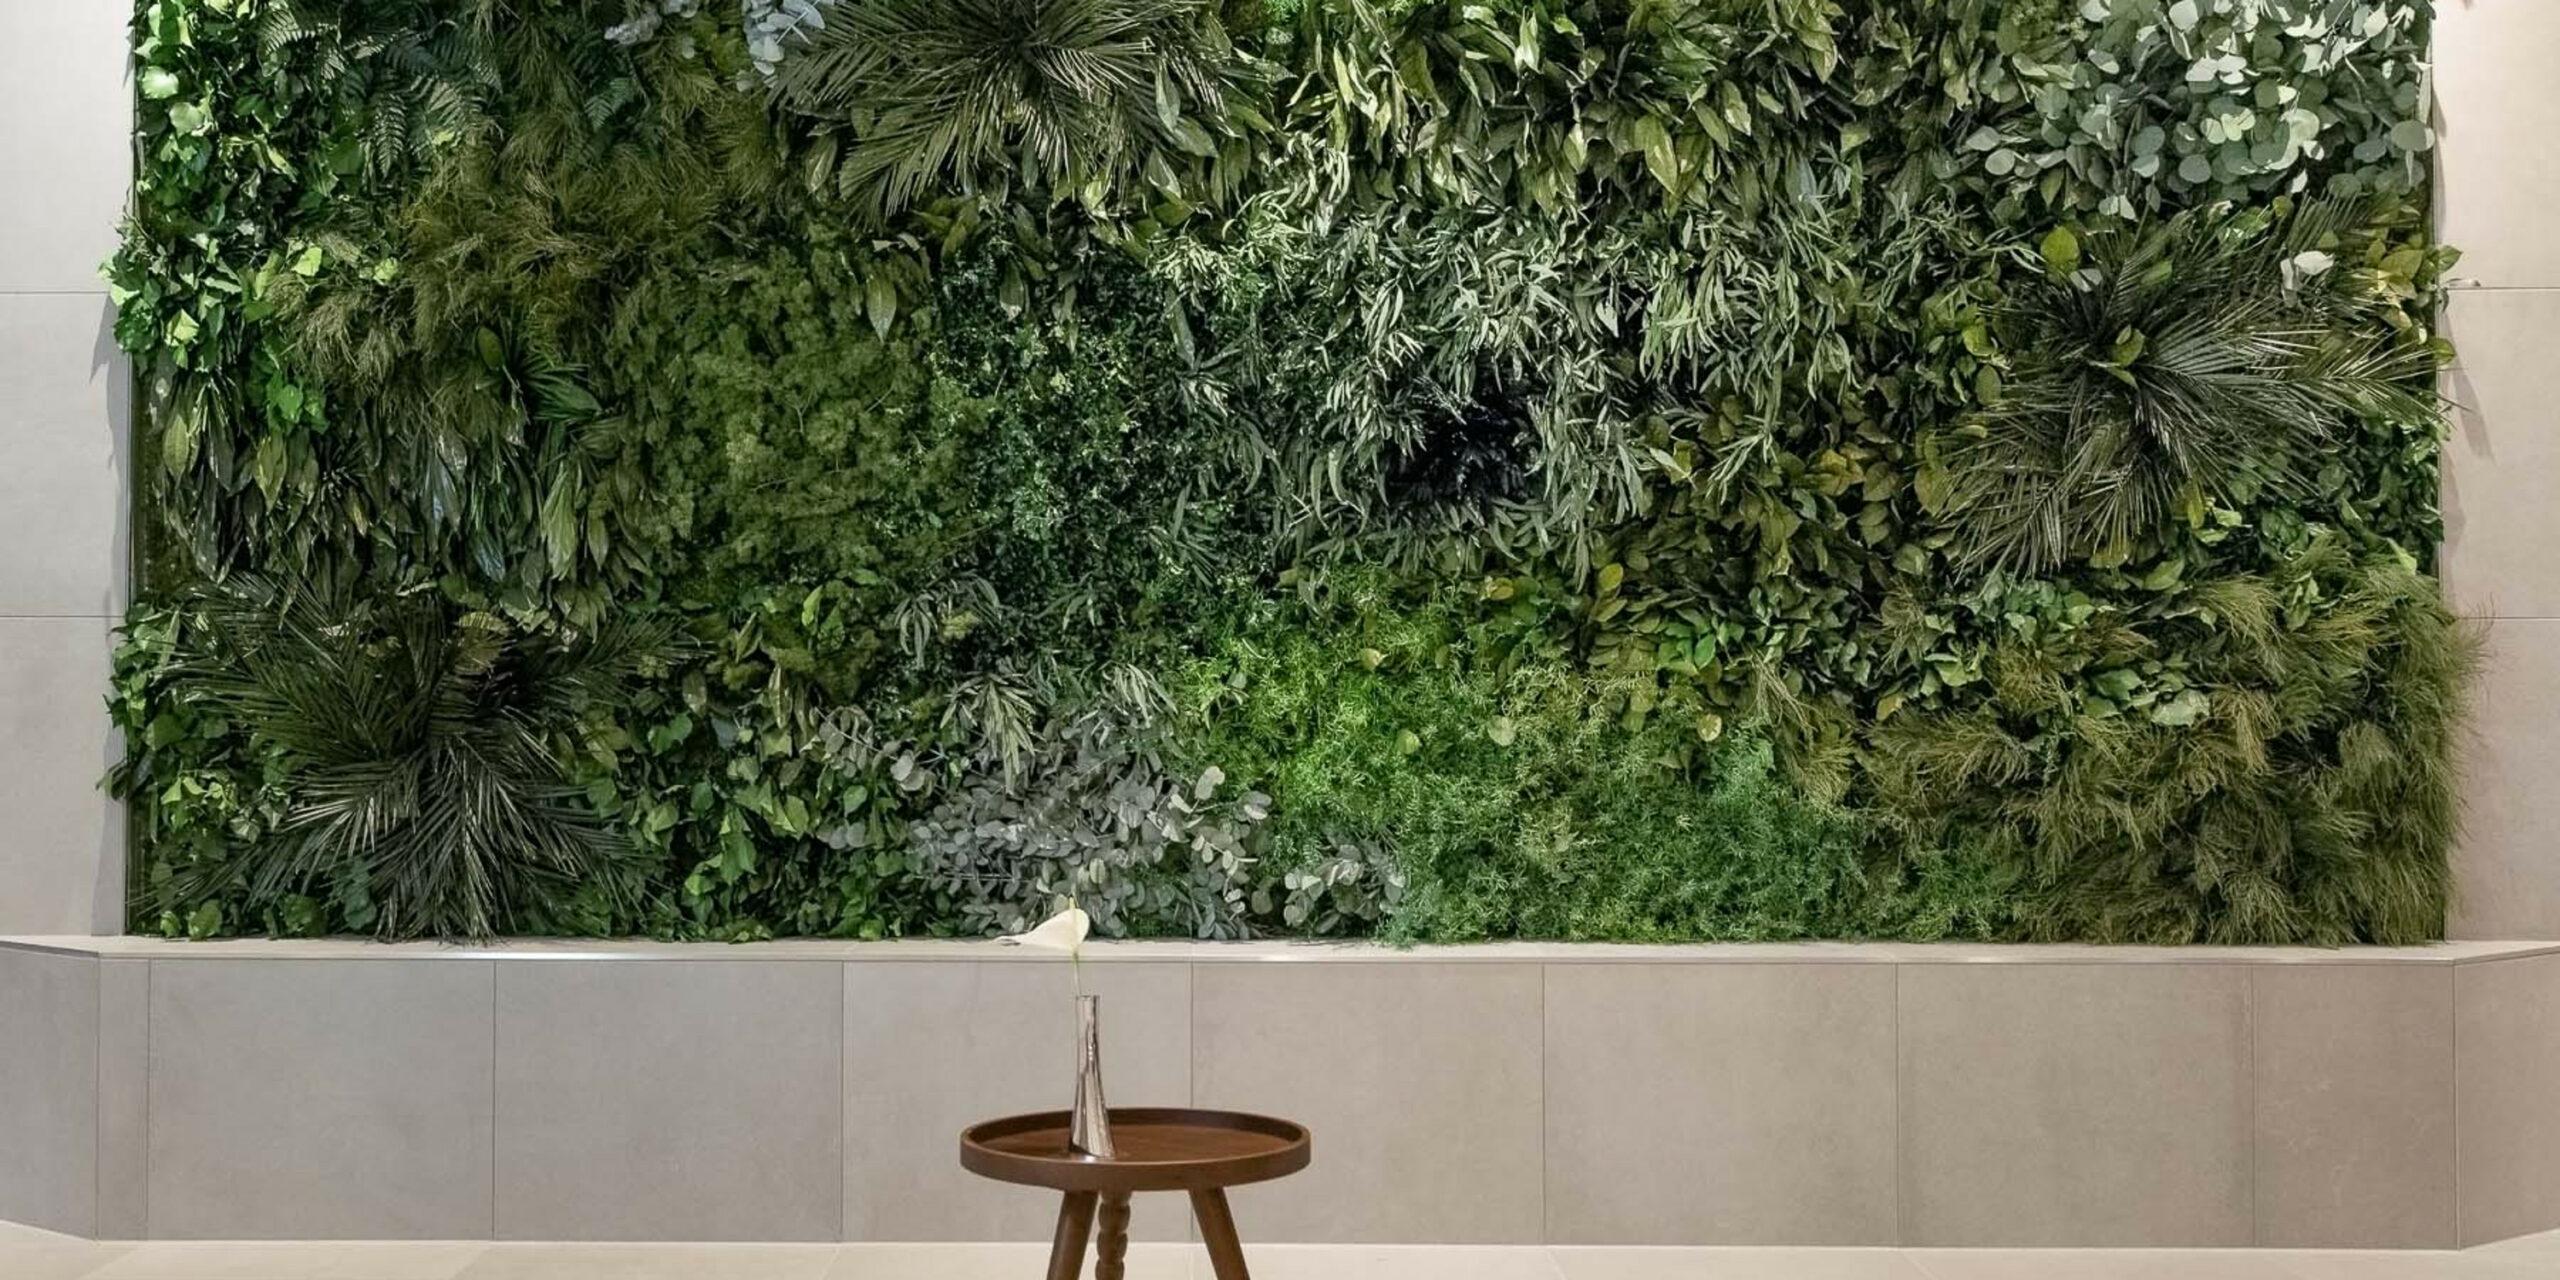 NATURADOR Dschungelwand mit Tisch im Hotel